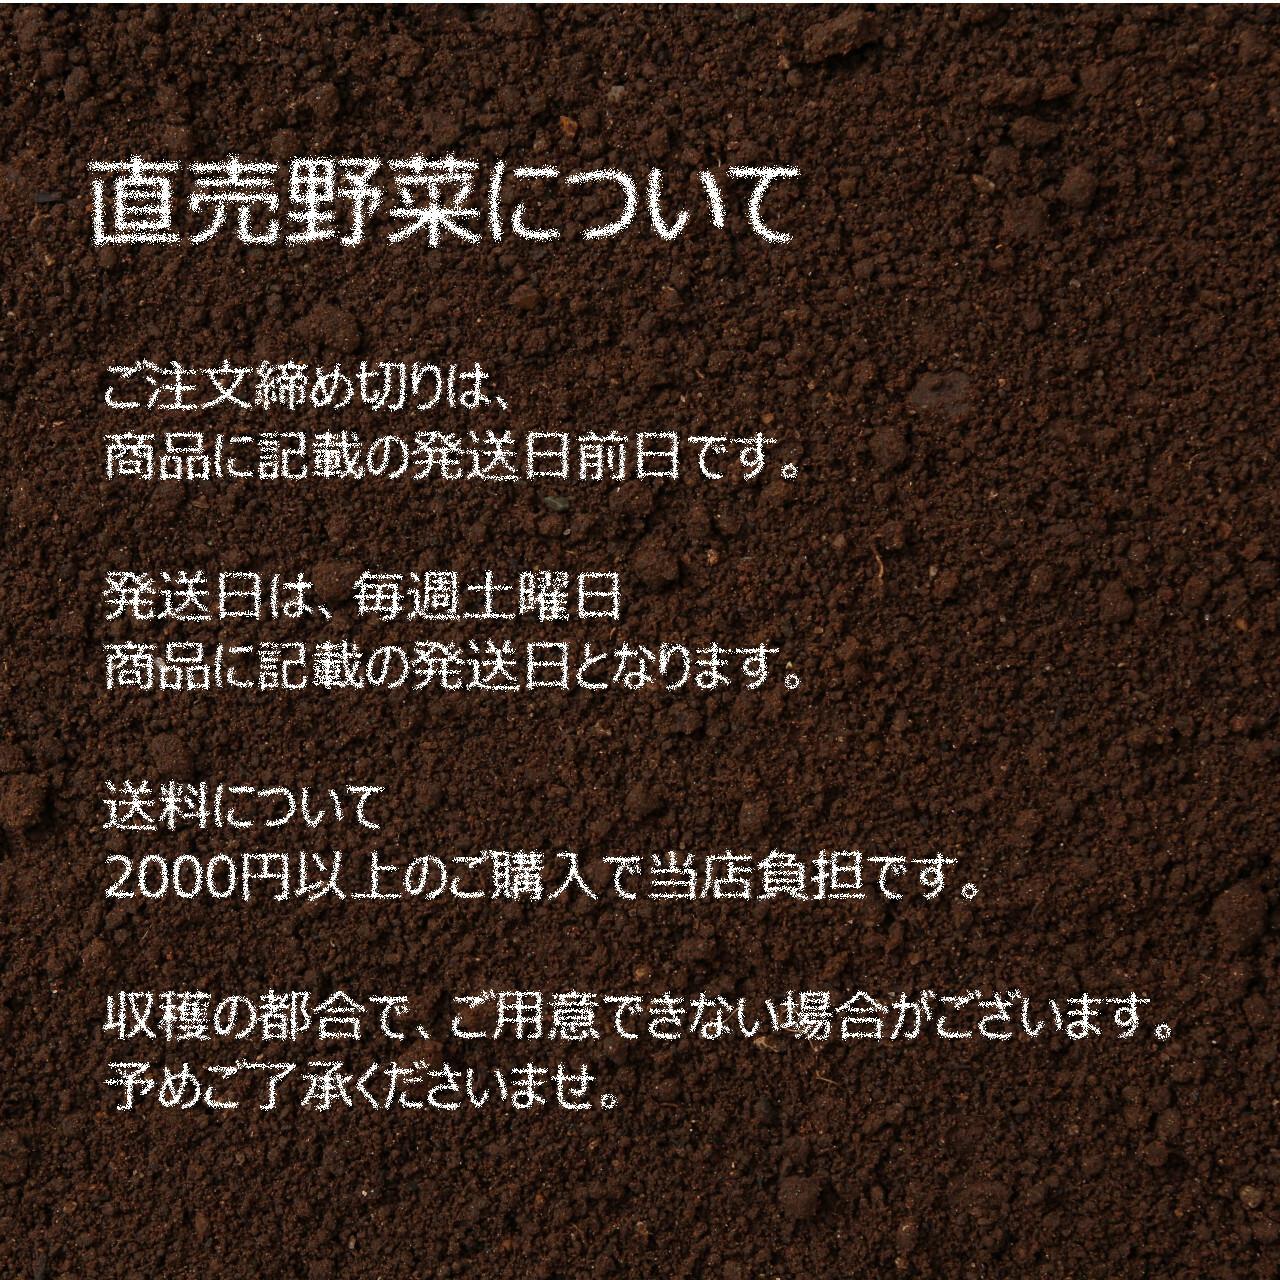 11月の朝採り直売野菜 : ネギ 3~4本 新鮮な秋野菜 11月16日発送予定